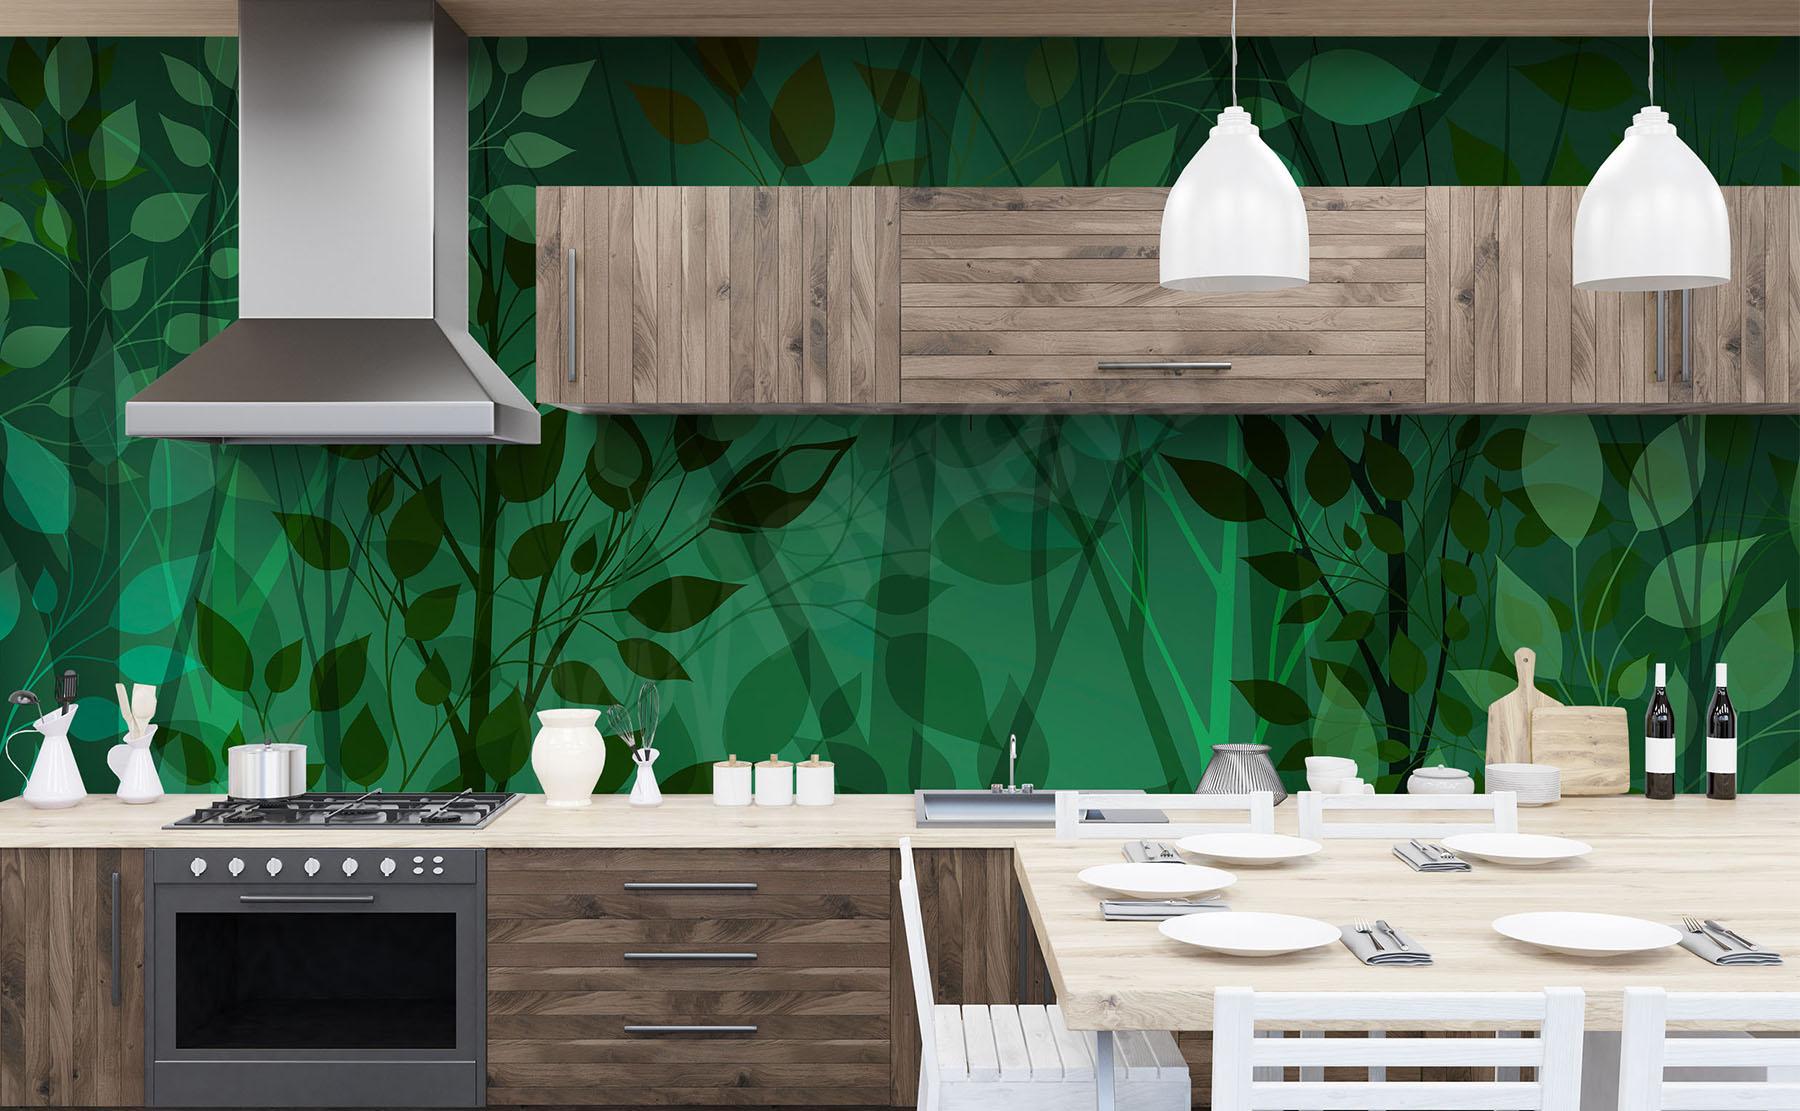 Papiers peints verdure u mur aux dimensions myloview